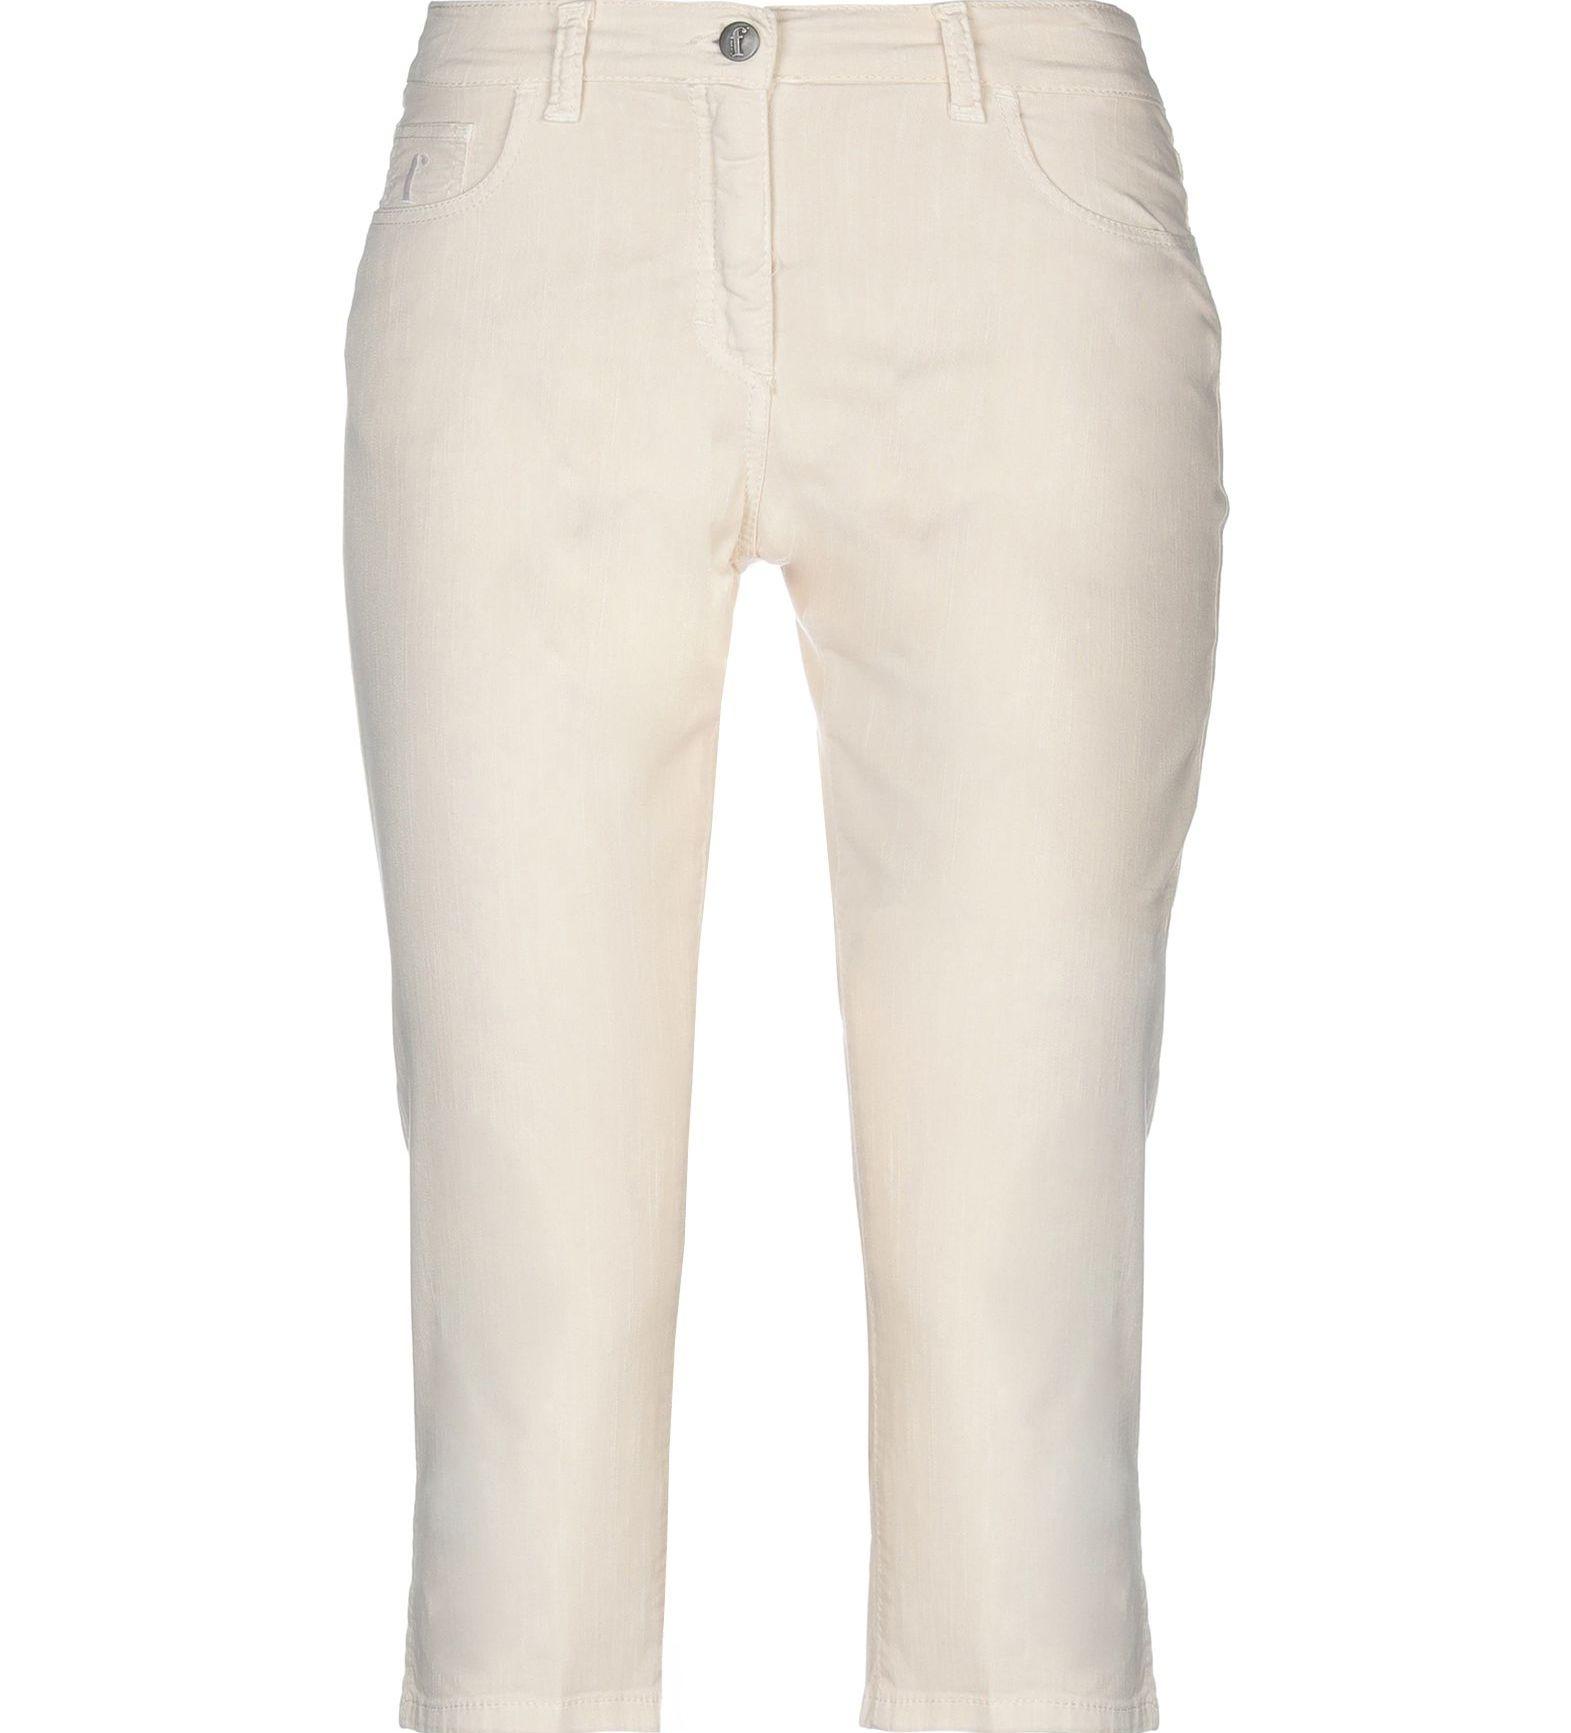 FERRANTE DENIM Denim παντελόνια κάπρι